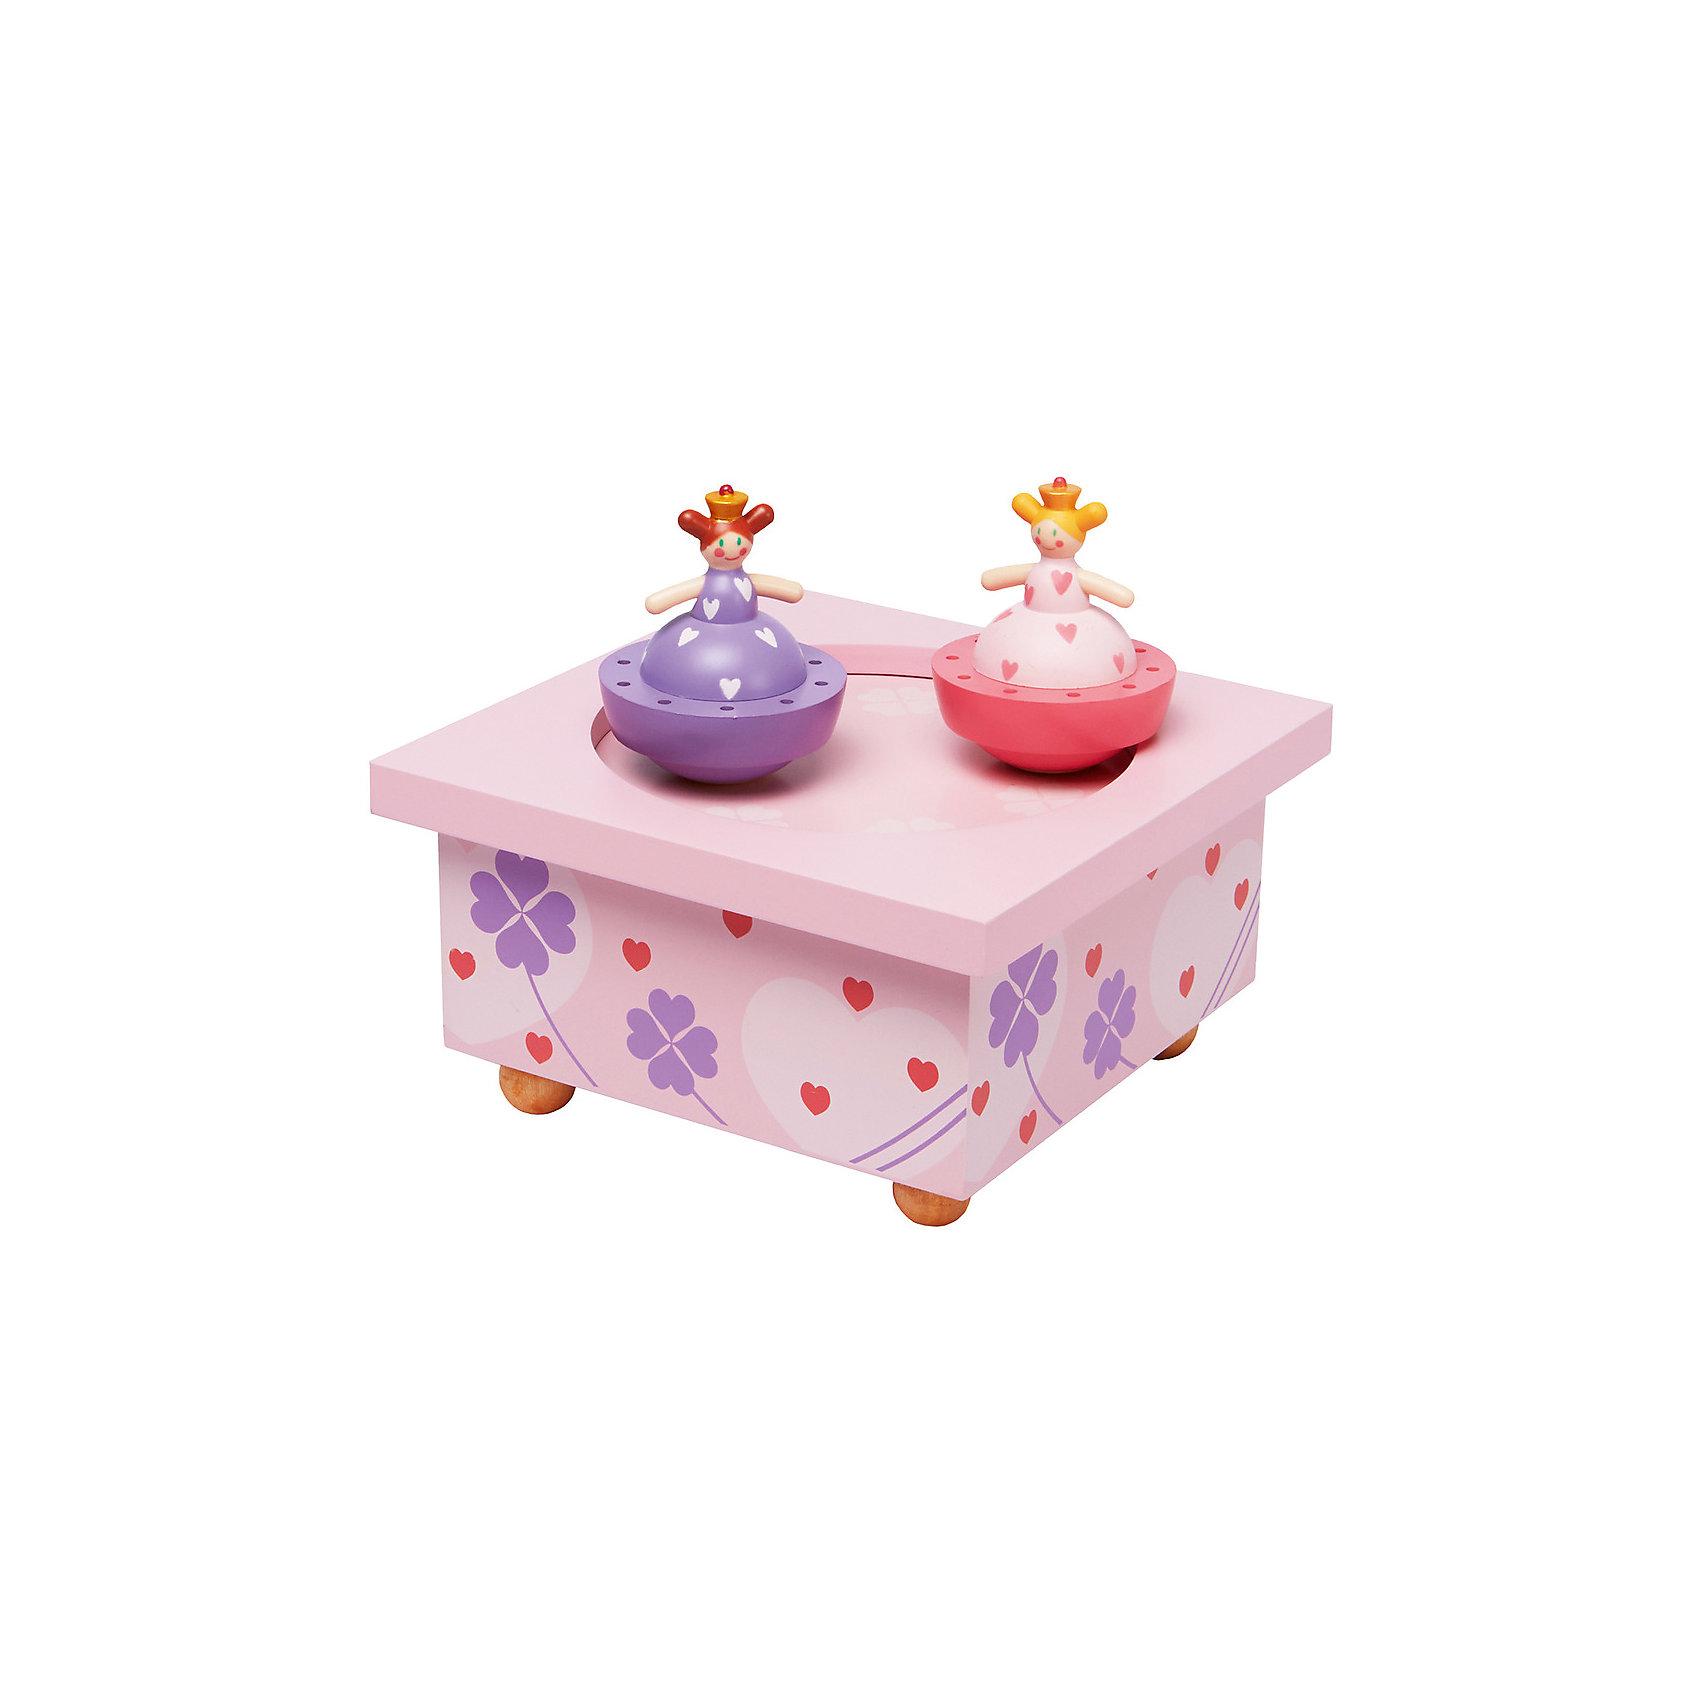 Музыкальная шкатулка Принцесса и лягушка&#13;, TrousselierПредметы интерьера<br>Музыкальная шкатулка Принцесса и лягушка&#13;, Trousselier<br><br>ВНИМАНИЕ! Шкатулка предназначена для декора комнаты, она не открывается и хранить в ней разные мелочи и бижутерию невозможно.<br><br>Музыкальная шкатулка - это мечта множества девчонок. Подарите девочке настоящую музыкальную шкатулку с заводным механизмом от французской компании Trousselier. Шкатулка проигрывает приятную мелодию, заводится с помощью ключика.<br>Она выглядит очень красиво - на ней симпатичные фигурки, которые кружатся при проигрывании мелодии. Шкатулка упакована в подарочную коробку производителя. Изделие произведено из высококачественных материалов, и соответствует европейским стандартам безопасности.<br><br>Дополнительная информация:<br><br>цвет: разноцветный;<br>материал: дерево;<br>подарочная упаковка;<br>заводной механизм;<br>размер: 11 х 11 х 7 см.<br><br>Музыкальную шкатулку Принцесса и лягушка от французской компании Trousselier можно купить в нашем магазине.<br><br>Ширина мм: 114<br>Глубина мм: 114<br>Высота мм: 70<br>Вес г: 290<br>Возраст от месяцев: 12<br>Возраст до месяцев: 216<br>Пол: Женский<br>Возраст: Детский<br>SKU: 4961871